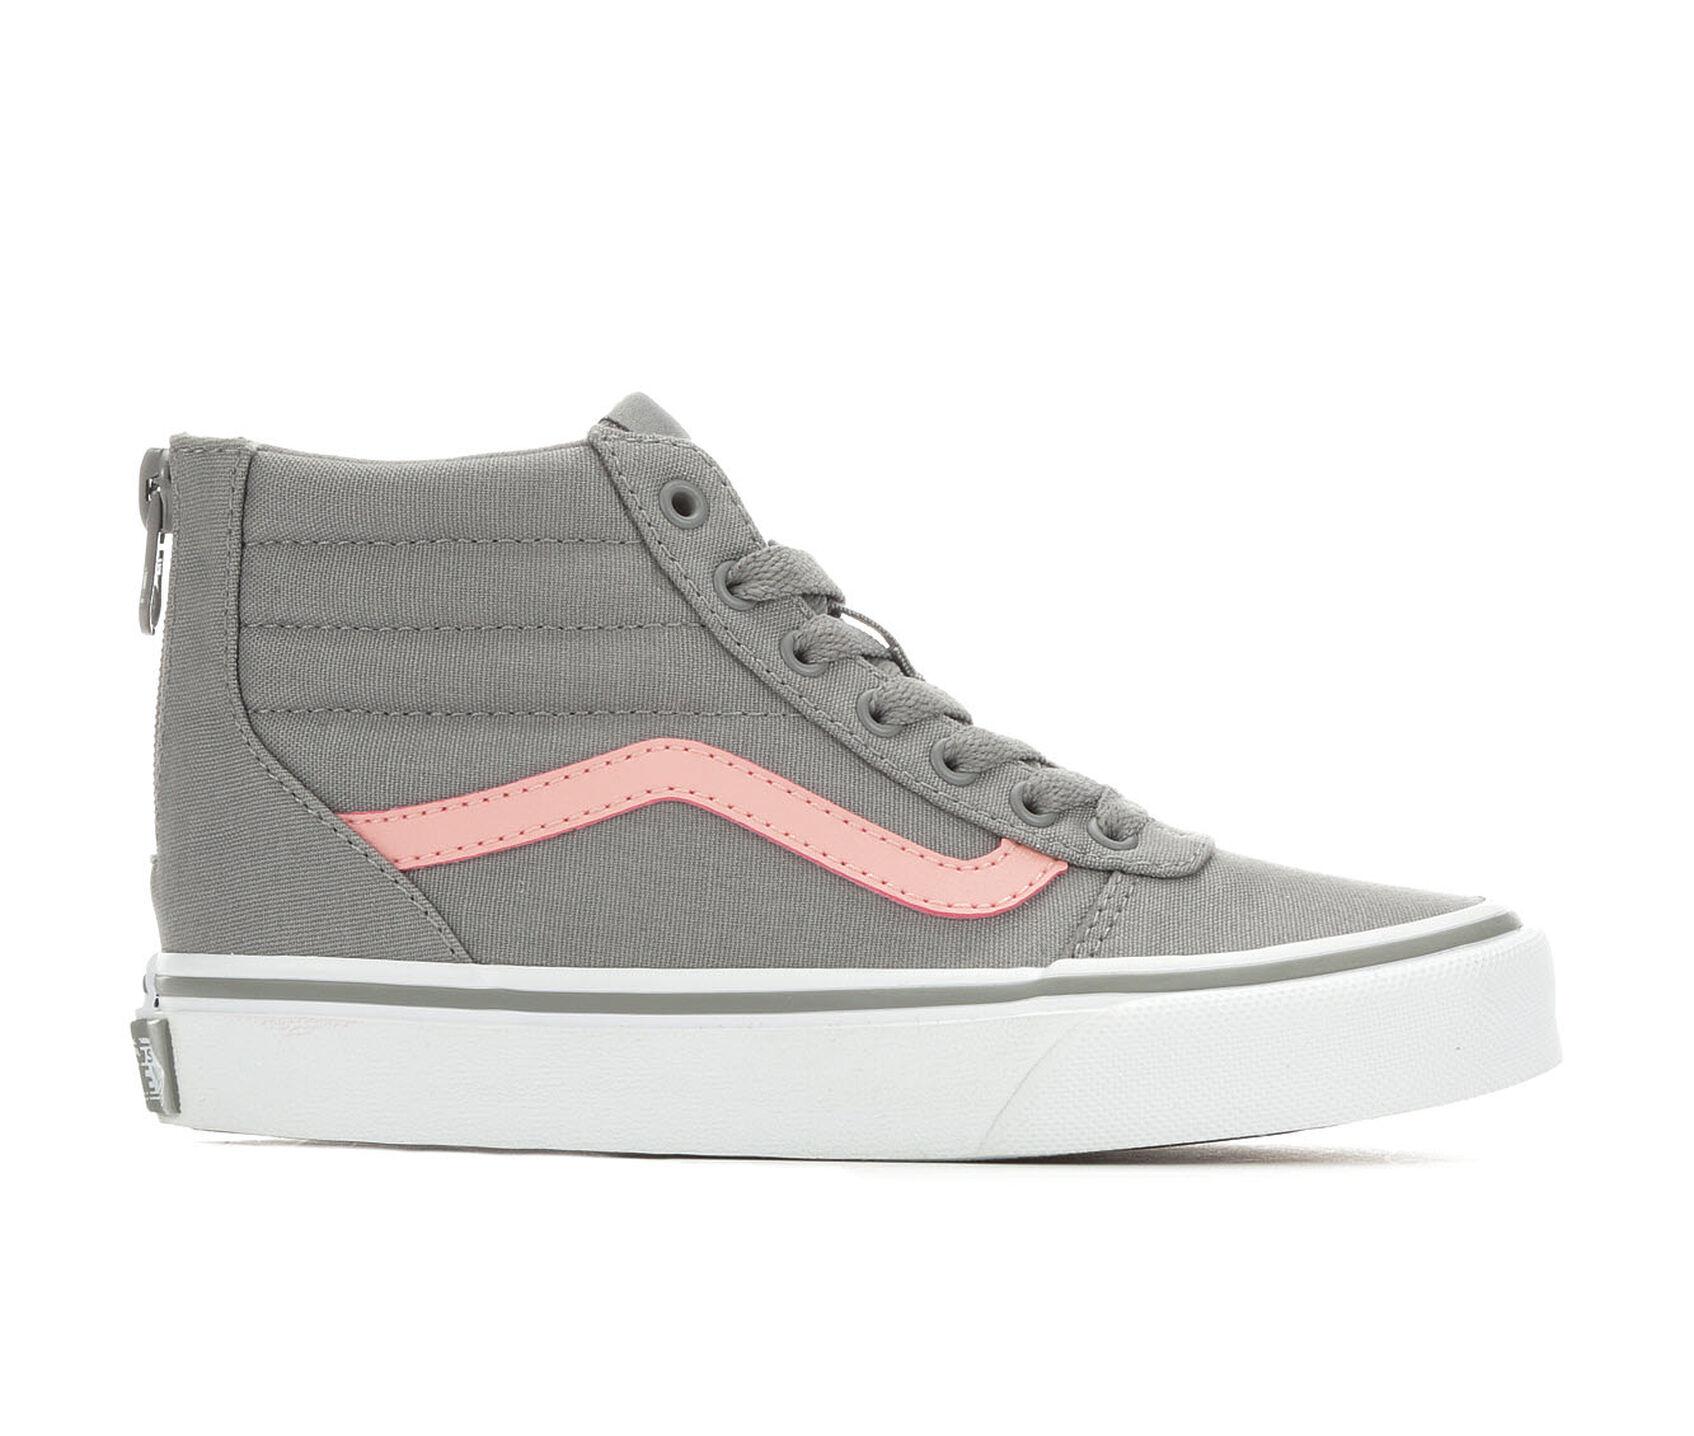 Girls' Vans Little Kid & Big Kid Ward Hi Zip Skate Shoes ...